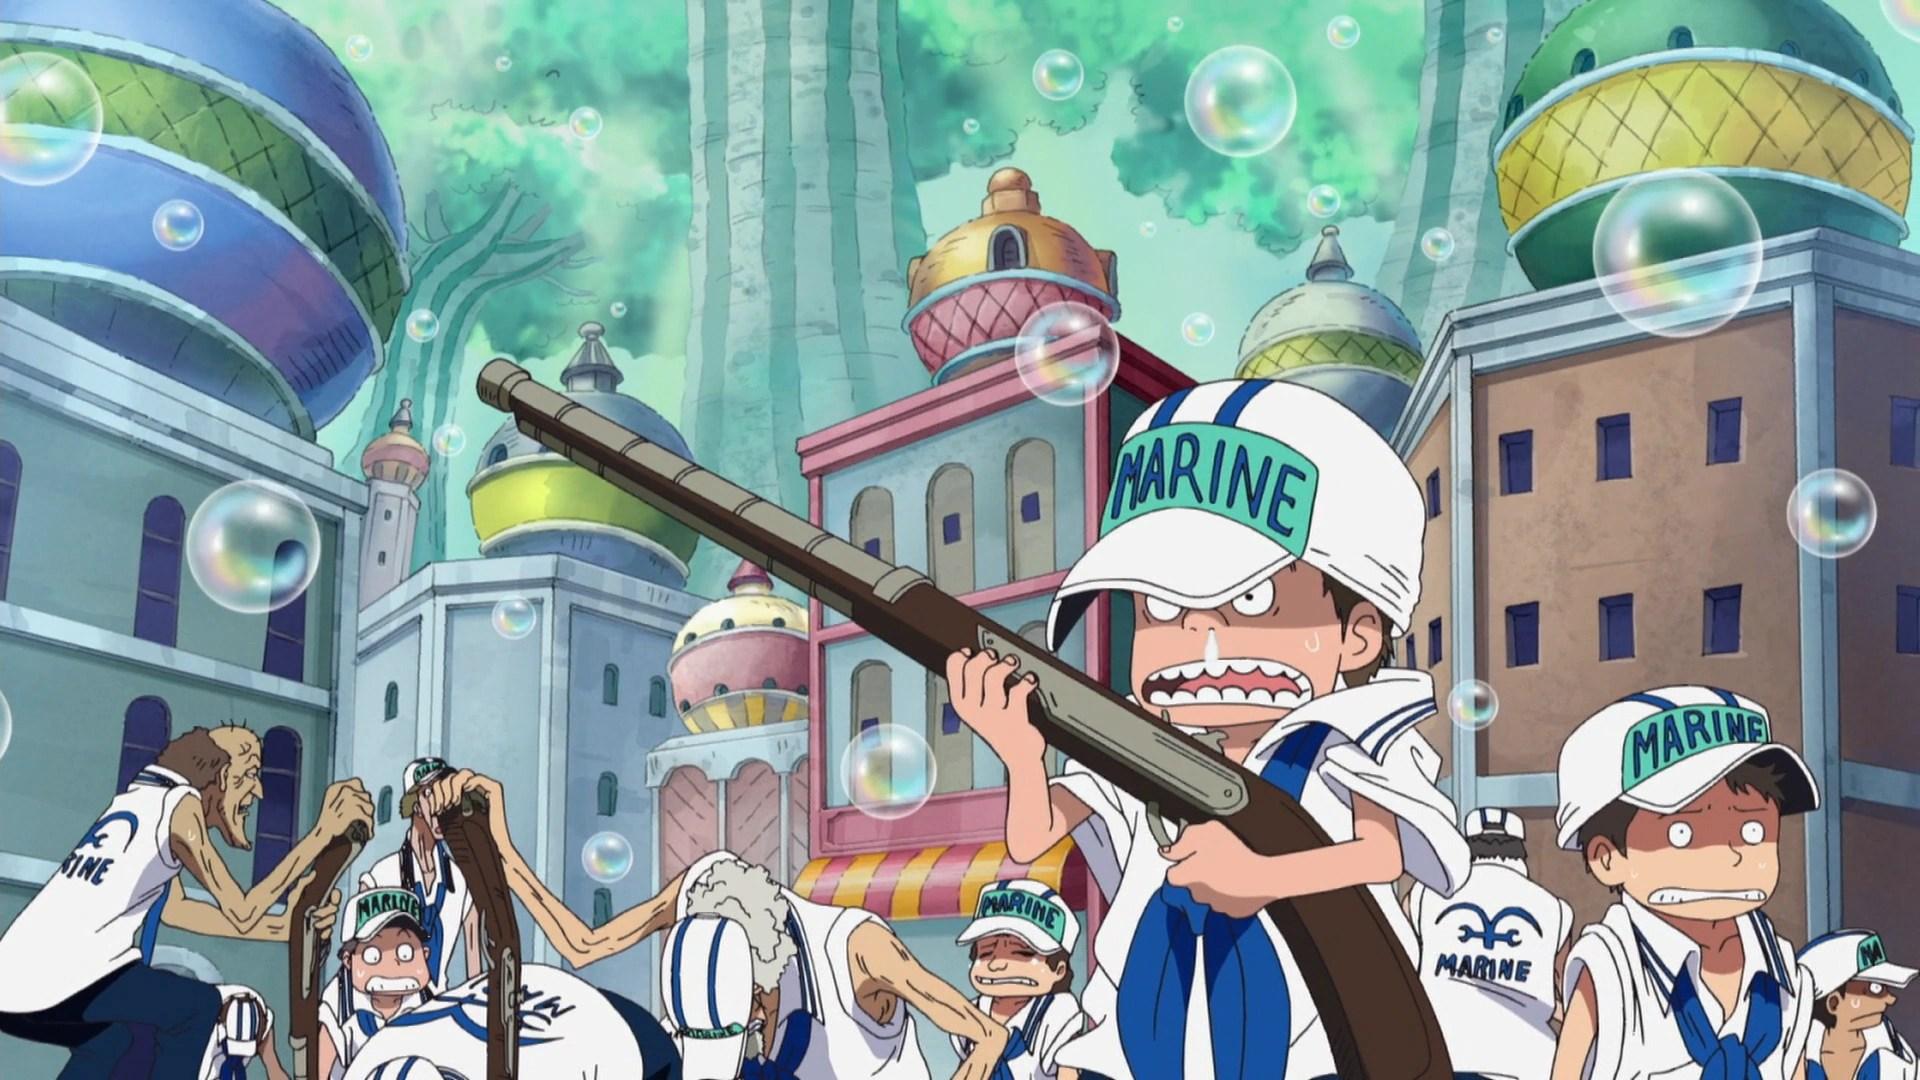 Jewelry Bonney The One Piece Wiki Manga Anime